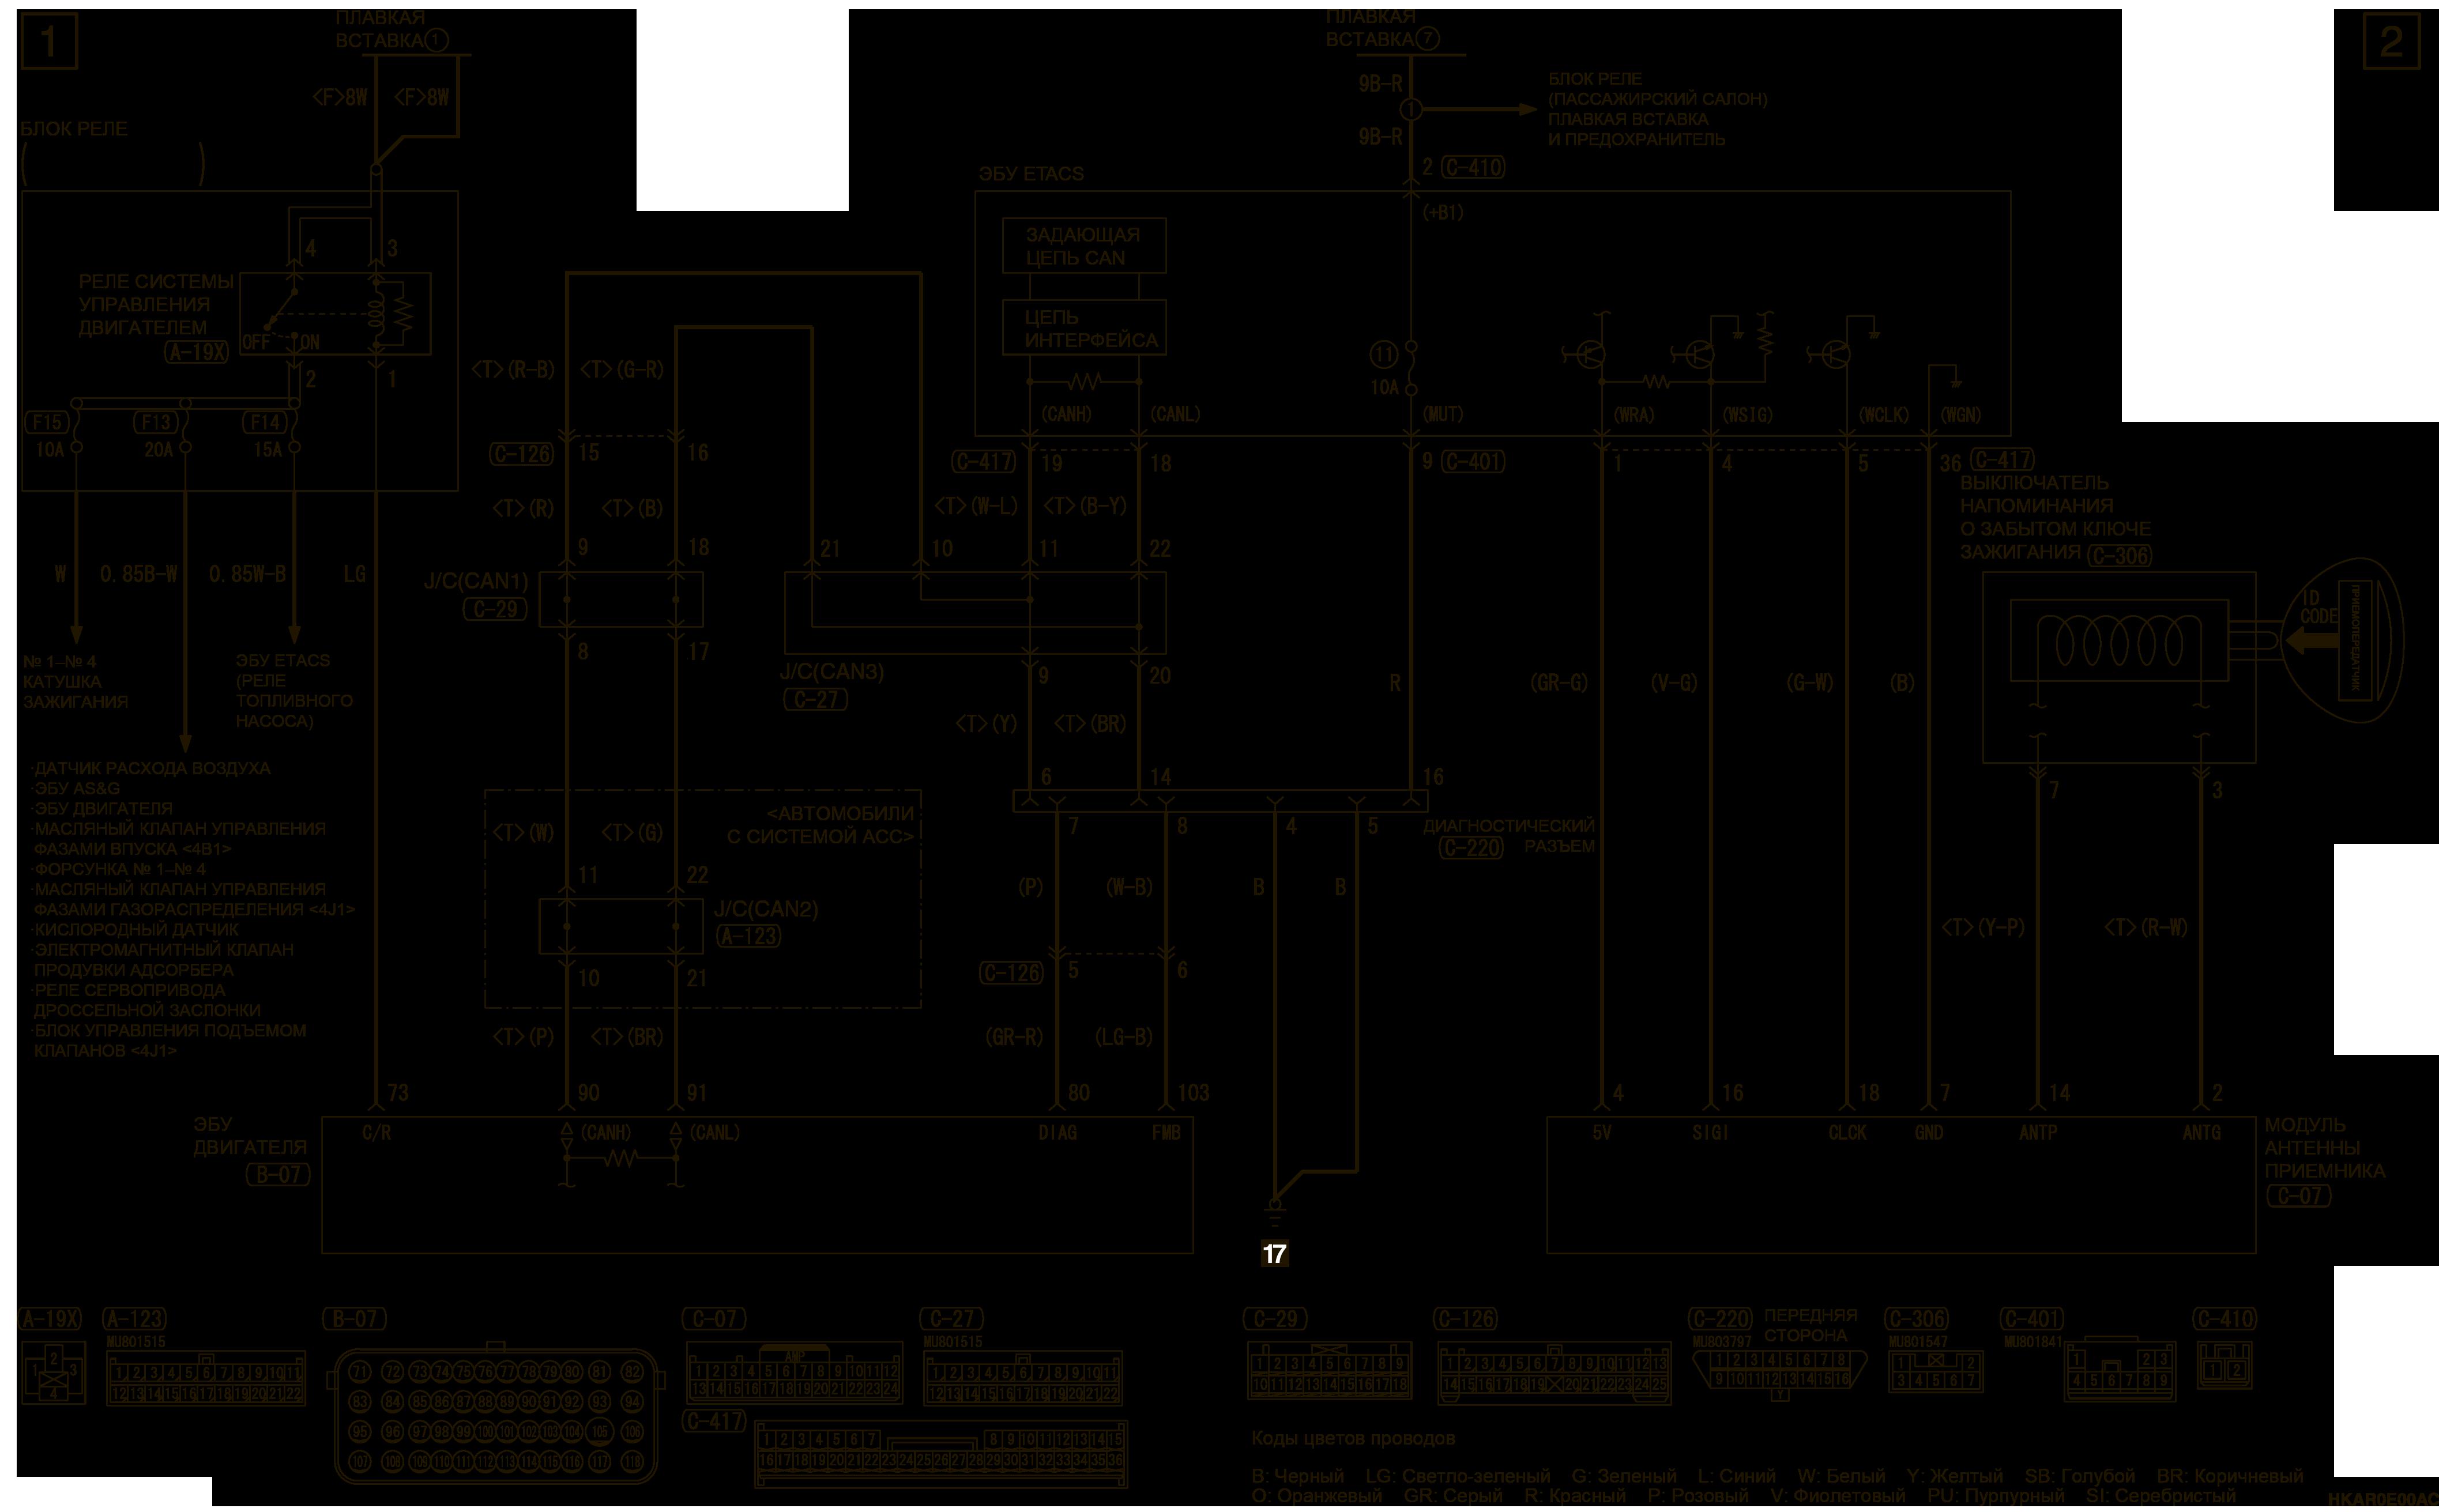 mmc аутлендер 3 2019 электросхемаИММОБИЛАЙЗЕР АВТОМОБИЛИ БЕЗ СИСТЕМЫ KOS (ЛЕВОСТОРОННЕЕ УПРАВЛЕНИЕ)